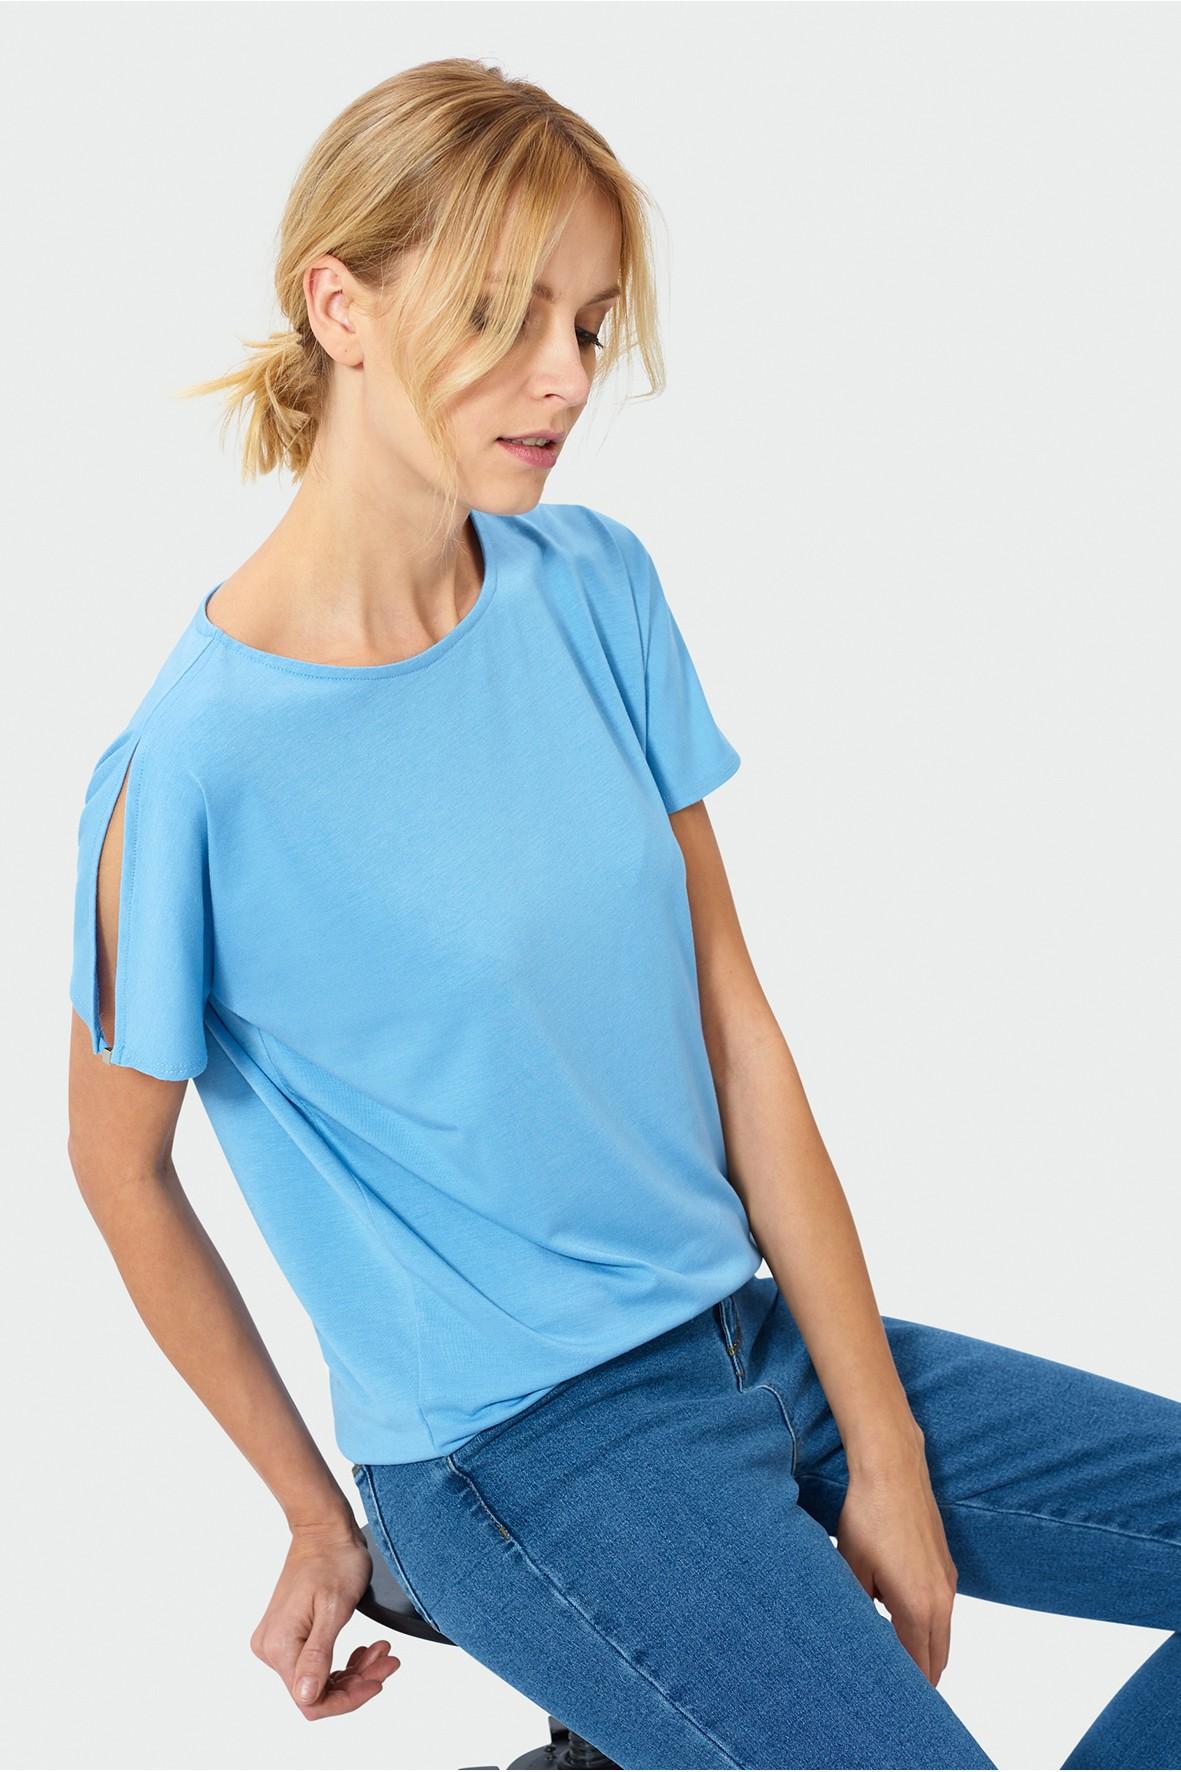 Luźny niebieski top z krótkim rękawem dla kobiety